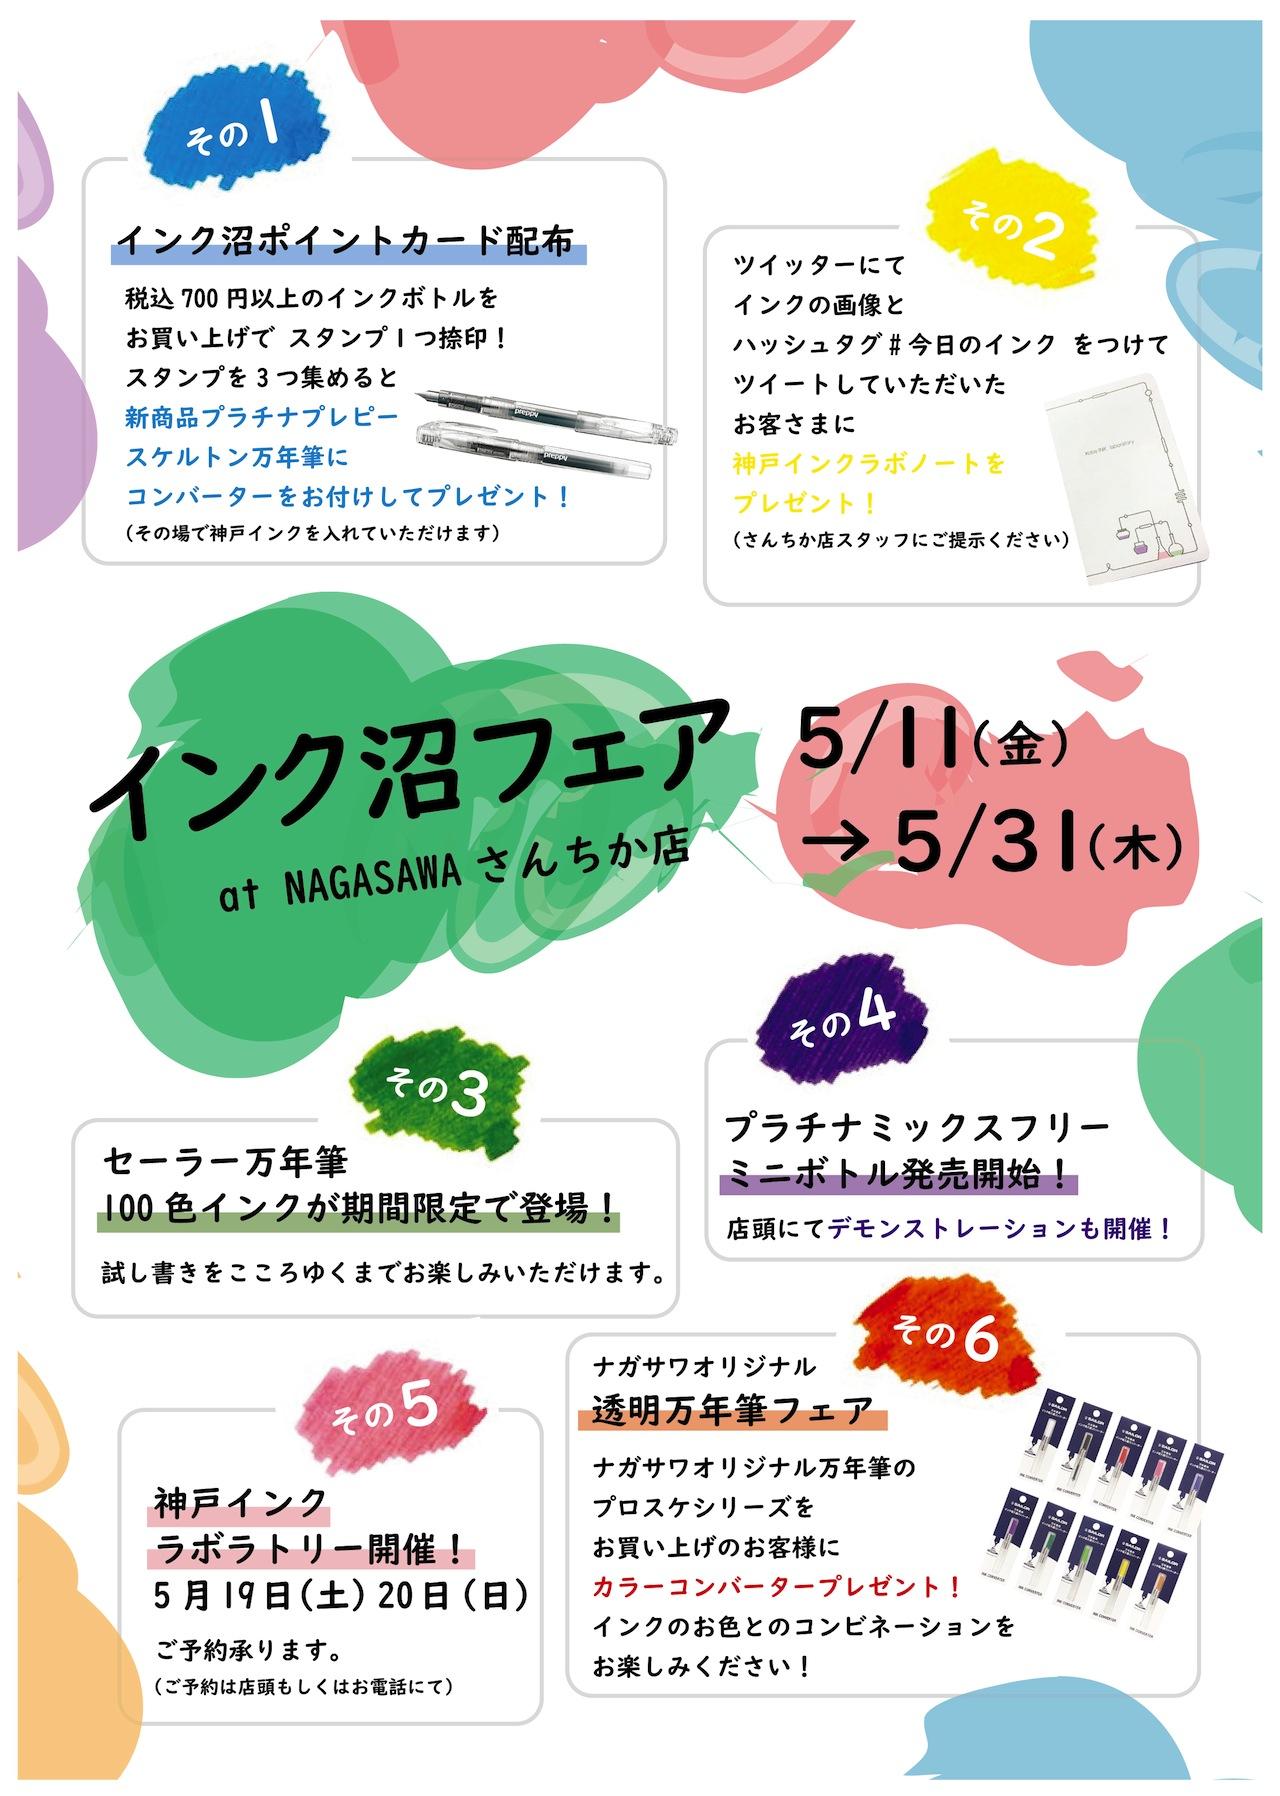 インク沼フェア開催中! | NAGASAWAさんちか店